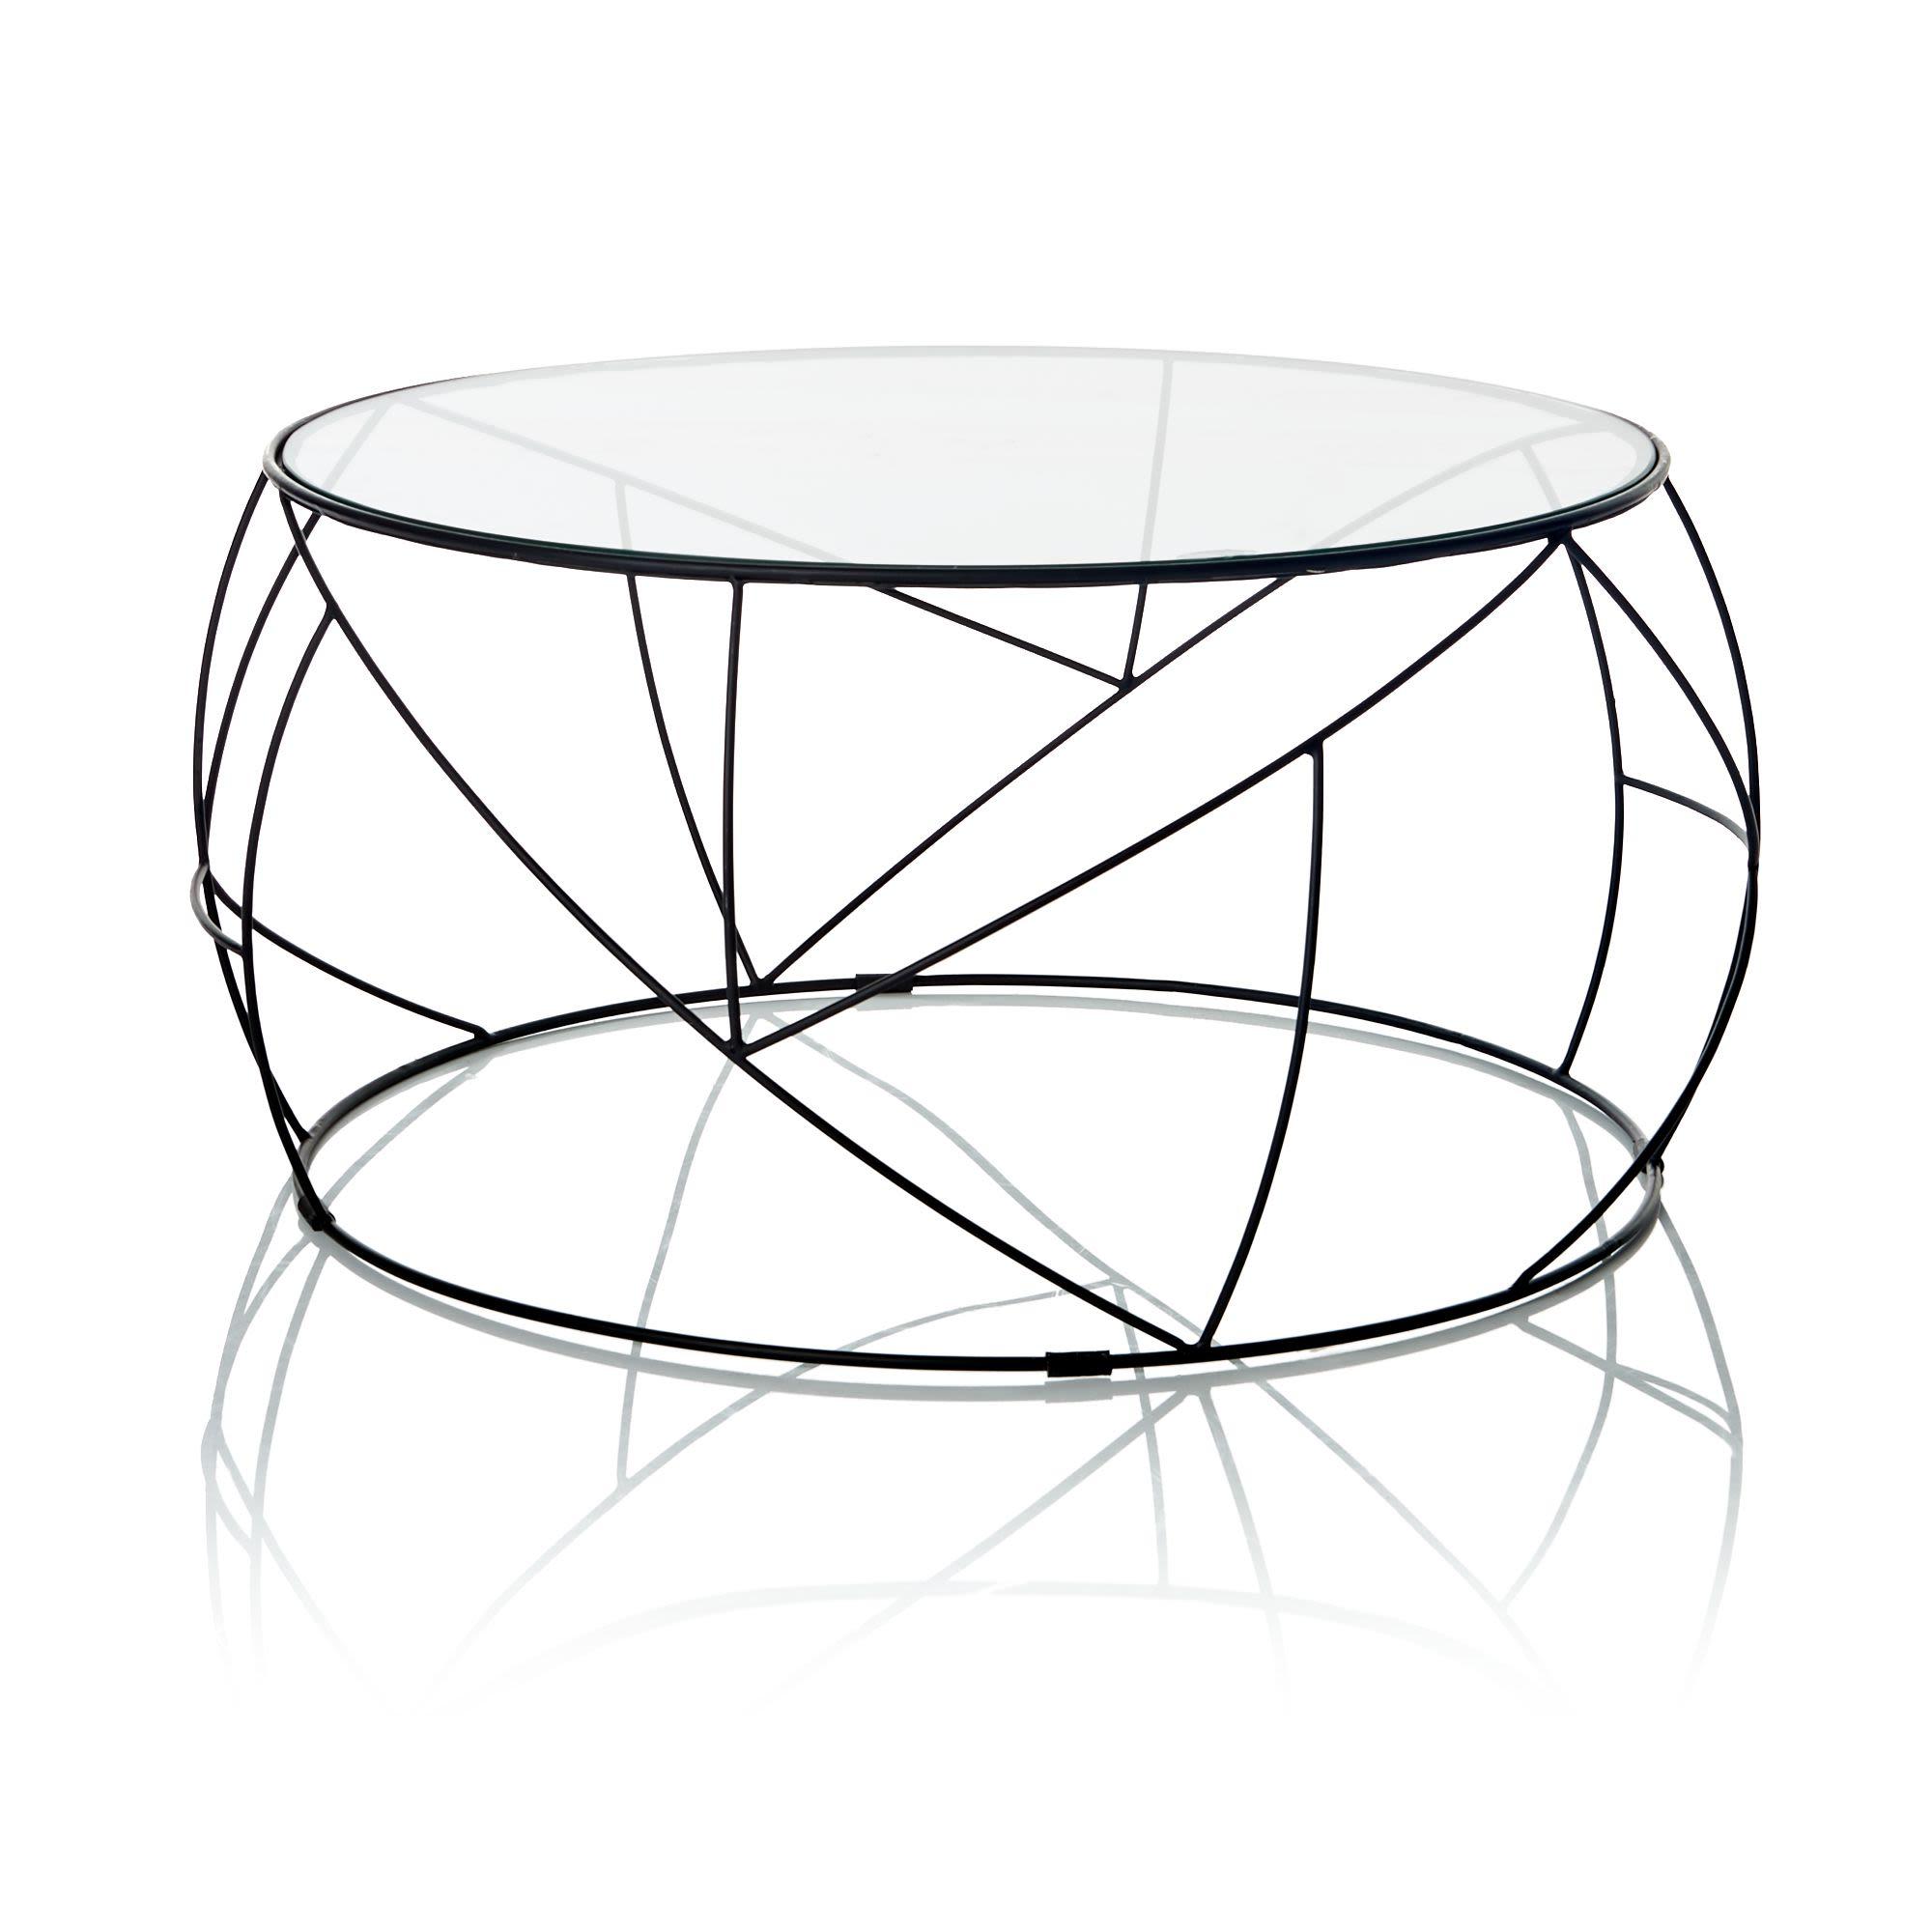 Couchtisch Glas Metall Design Rund Gehrtetes